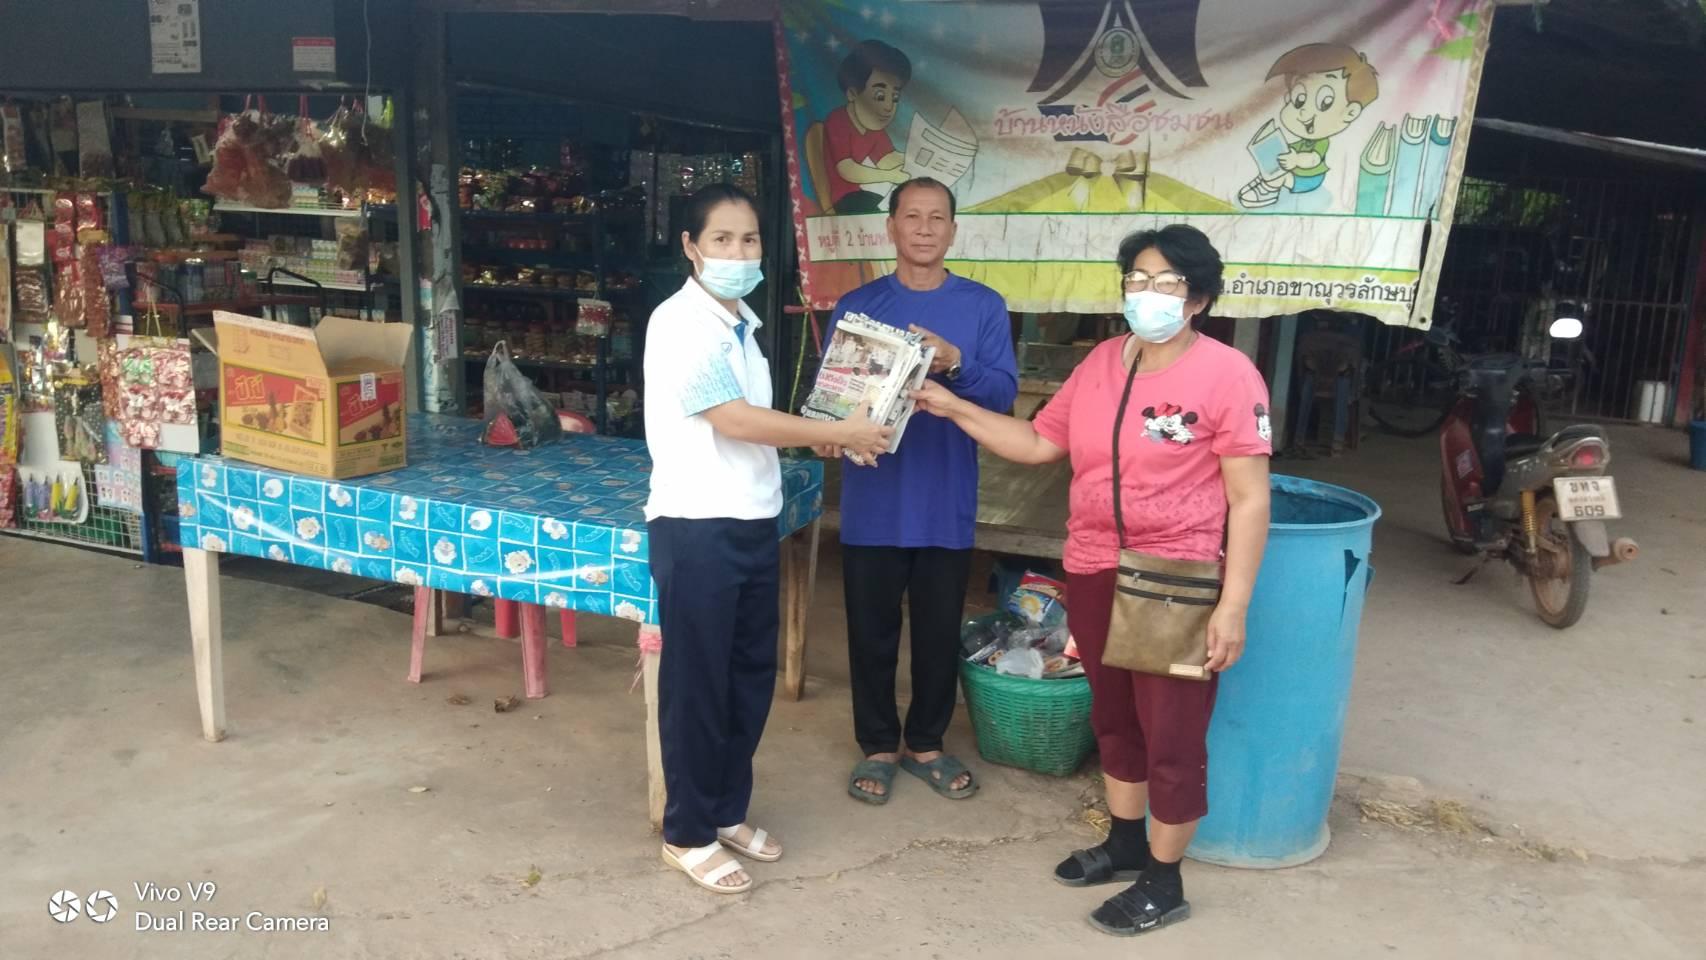 มอบหนังสือให้กับบ้านหนังสือชุมชนบ้านเขาพริกและบ้านหนองชะแอน